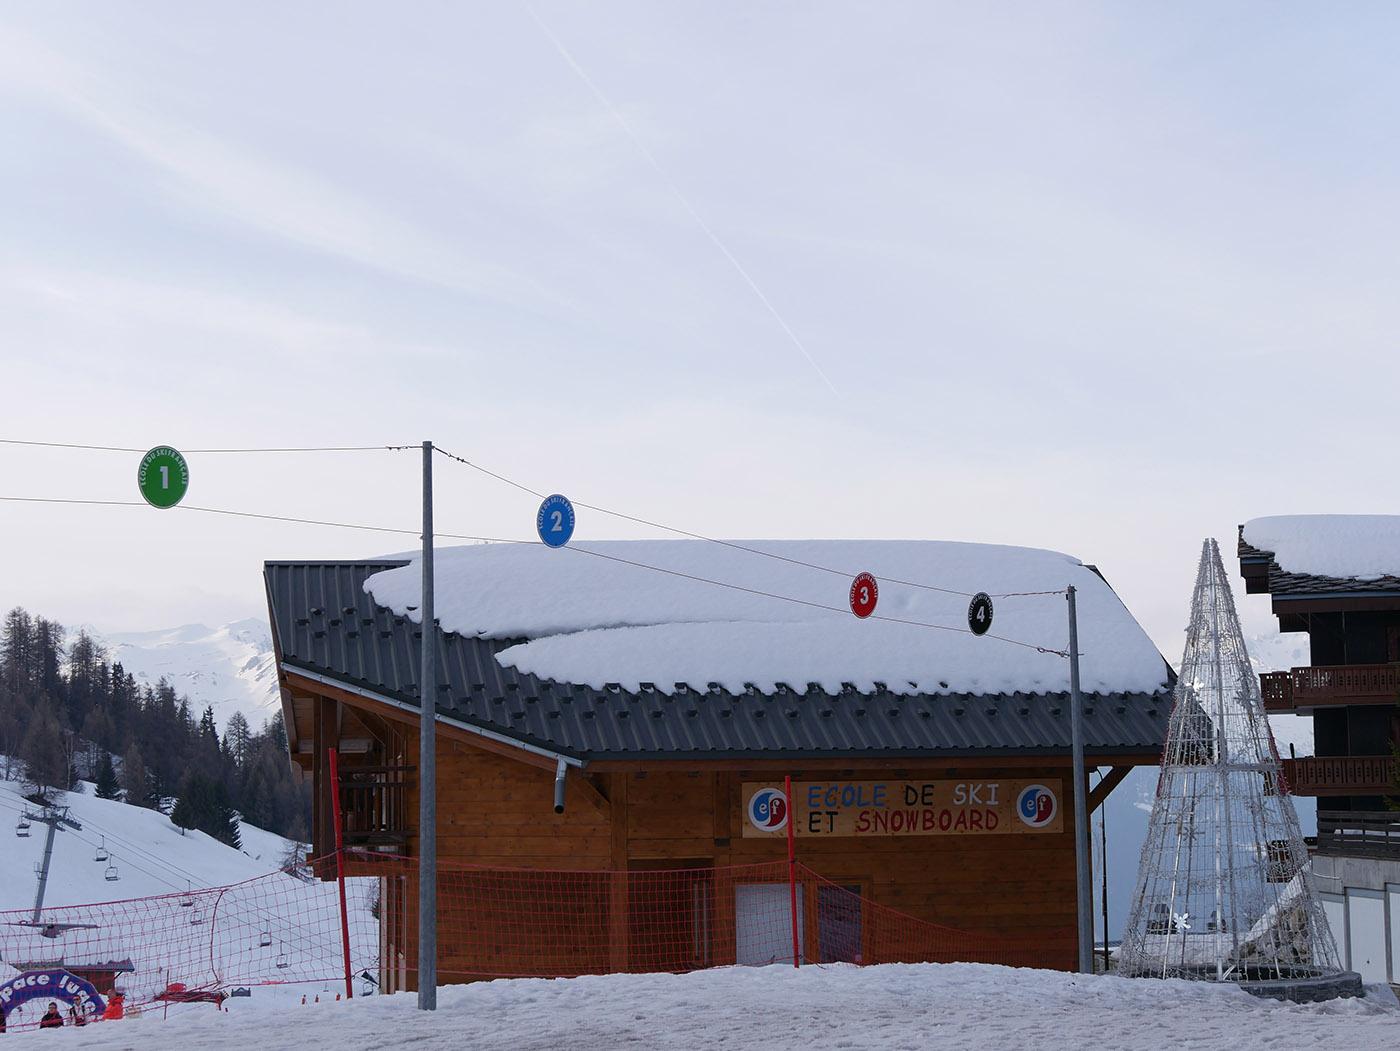 Chalet de l'école de ski français à La Plagne 1800